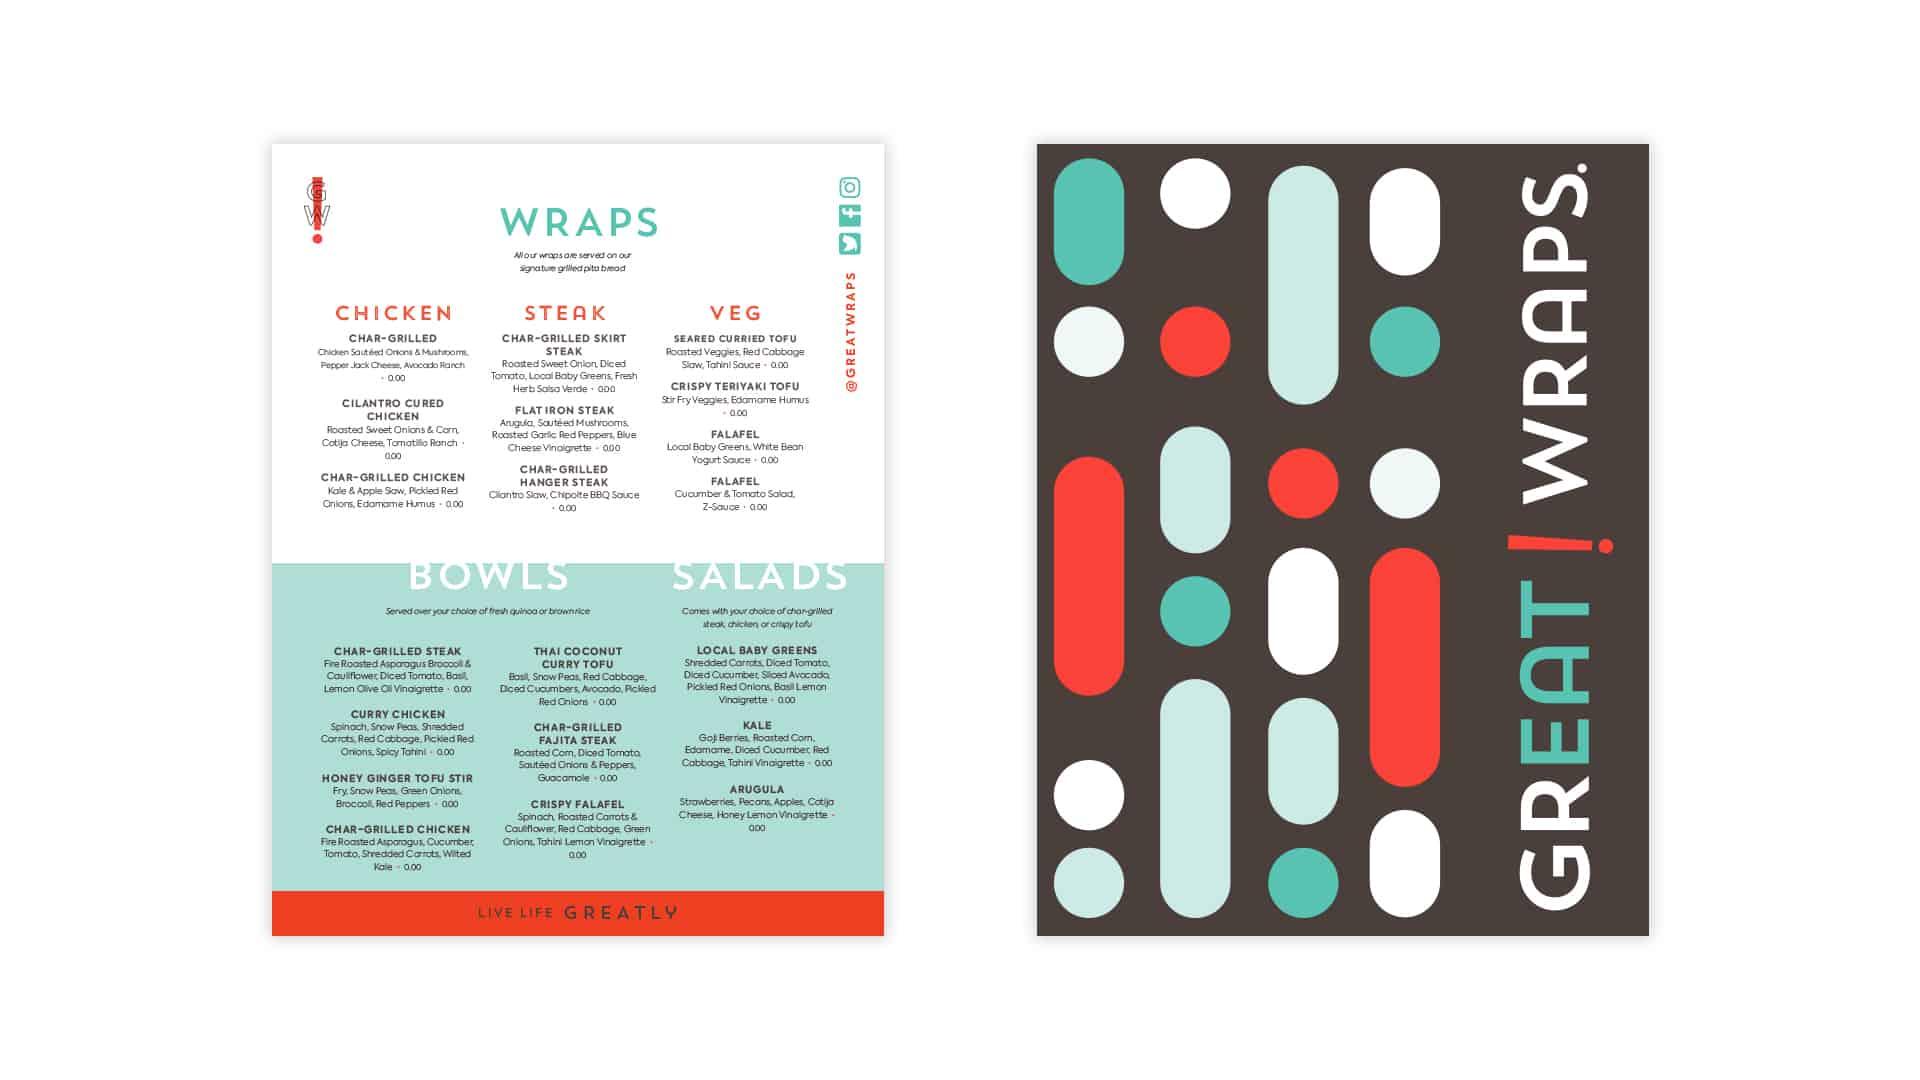 Great Wraps restaurant rebranding menu design